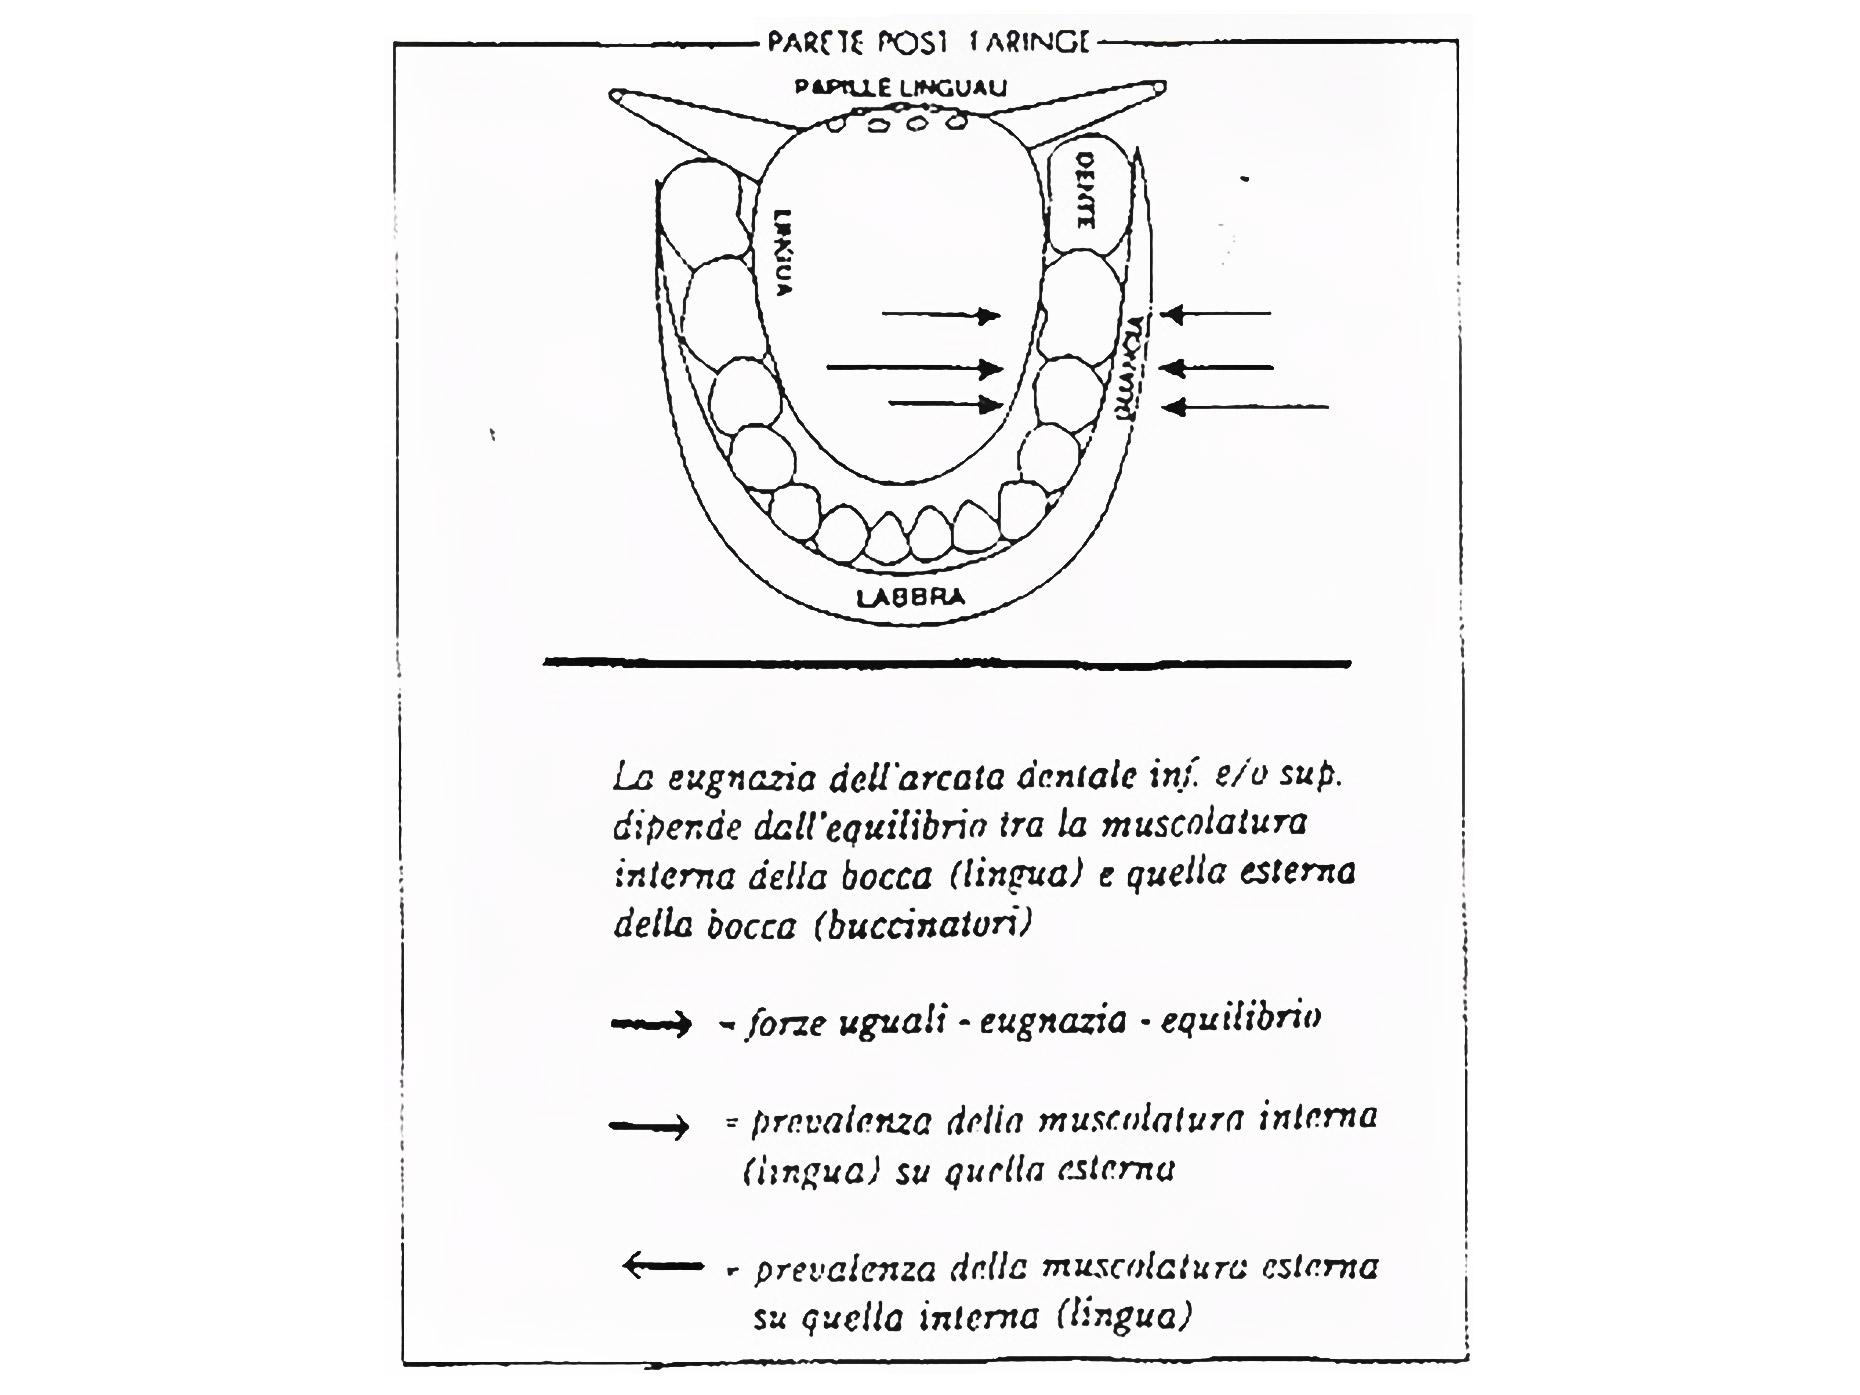 disegno che mostra l'eugnazia della struttura dentale